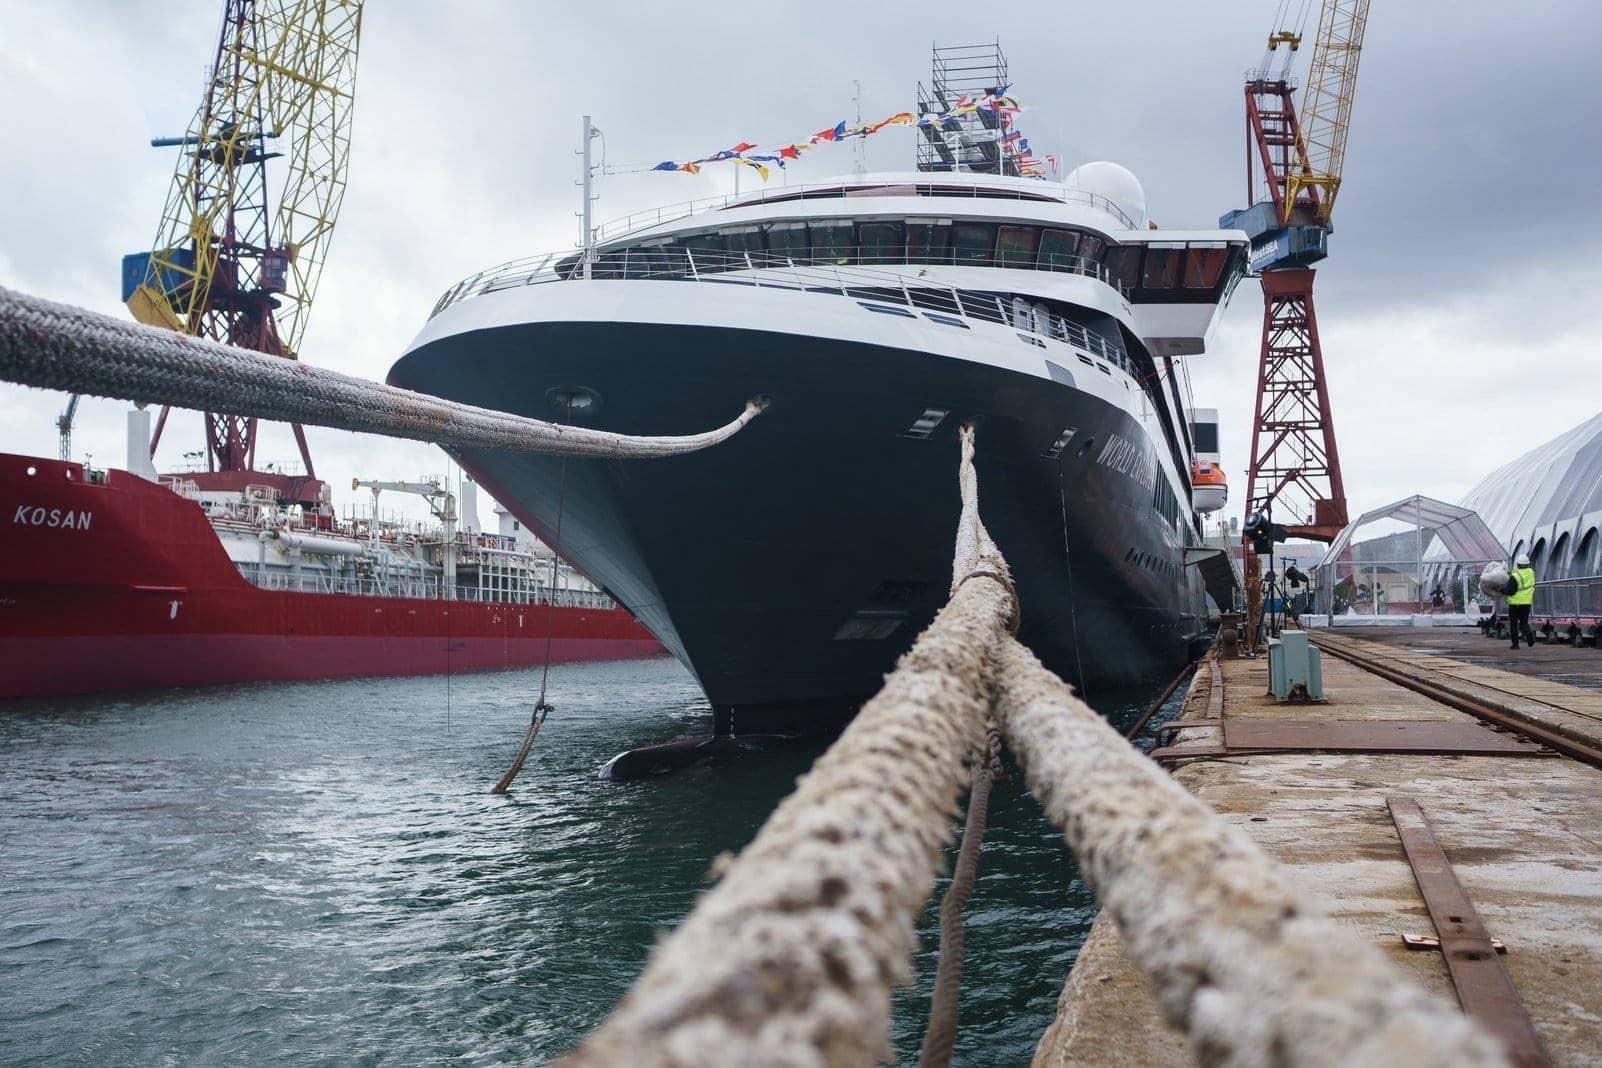 Kreuzfahrtschiff World Explorer